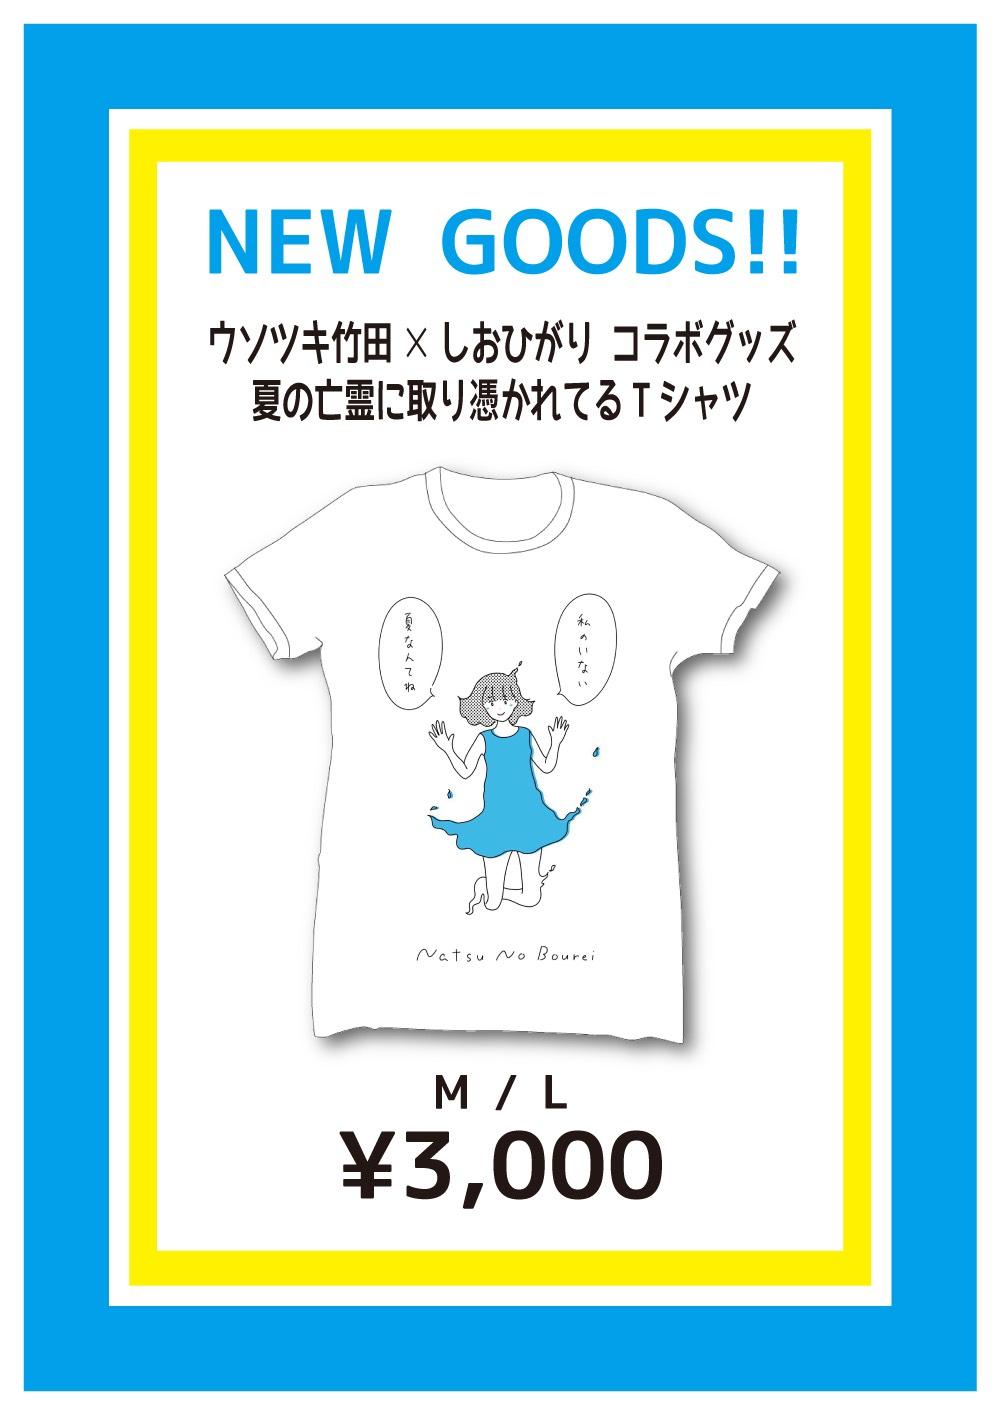 NEW GOODS_しおひがり